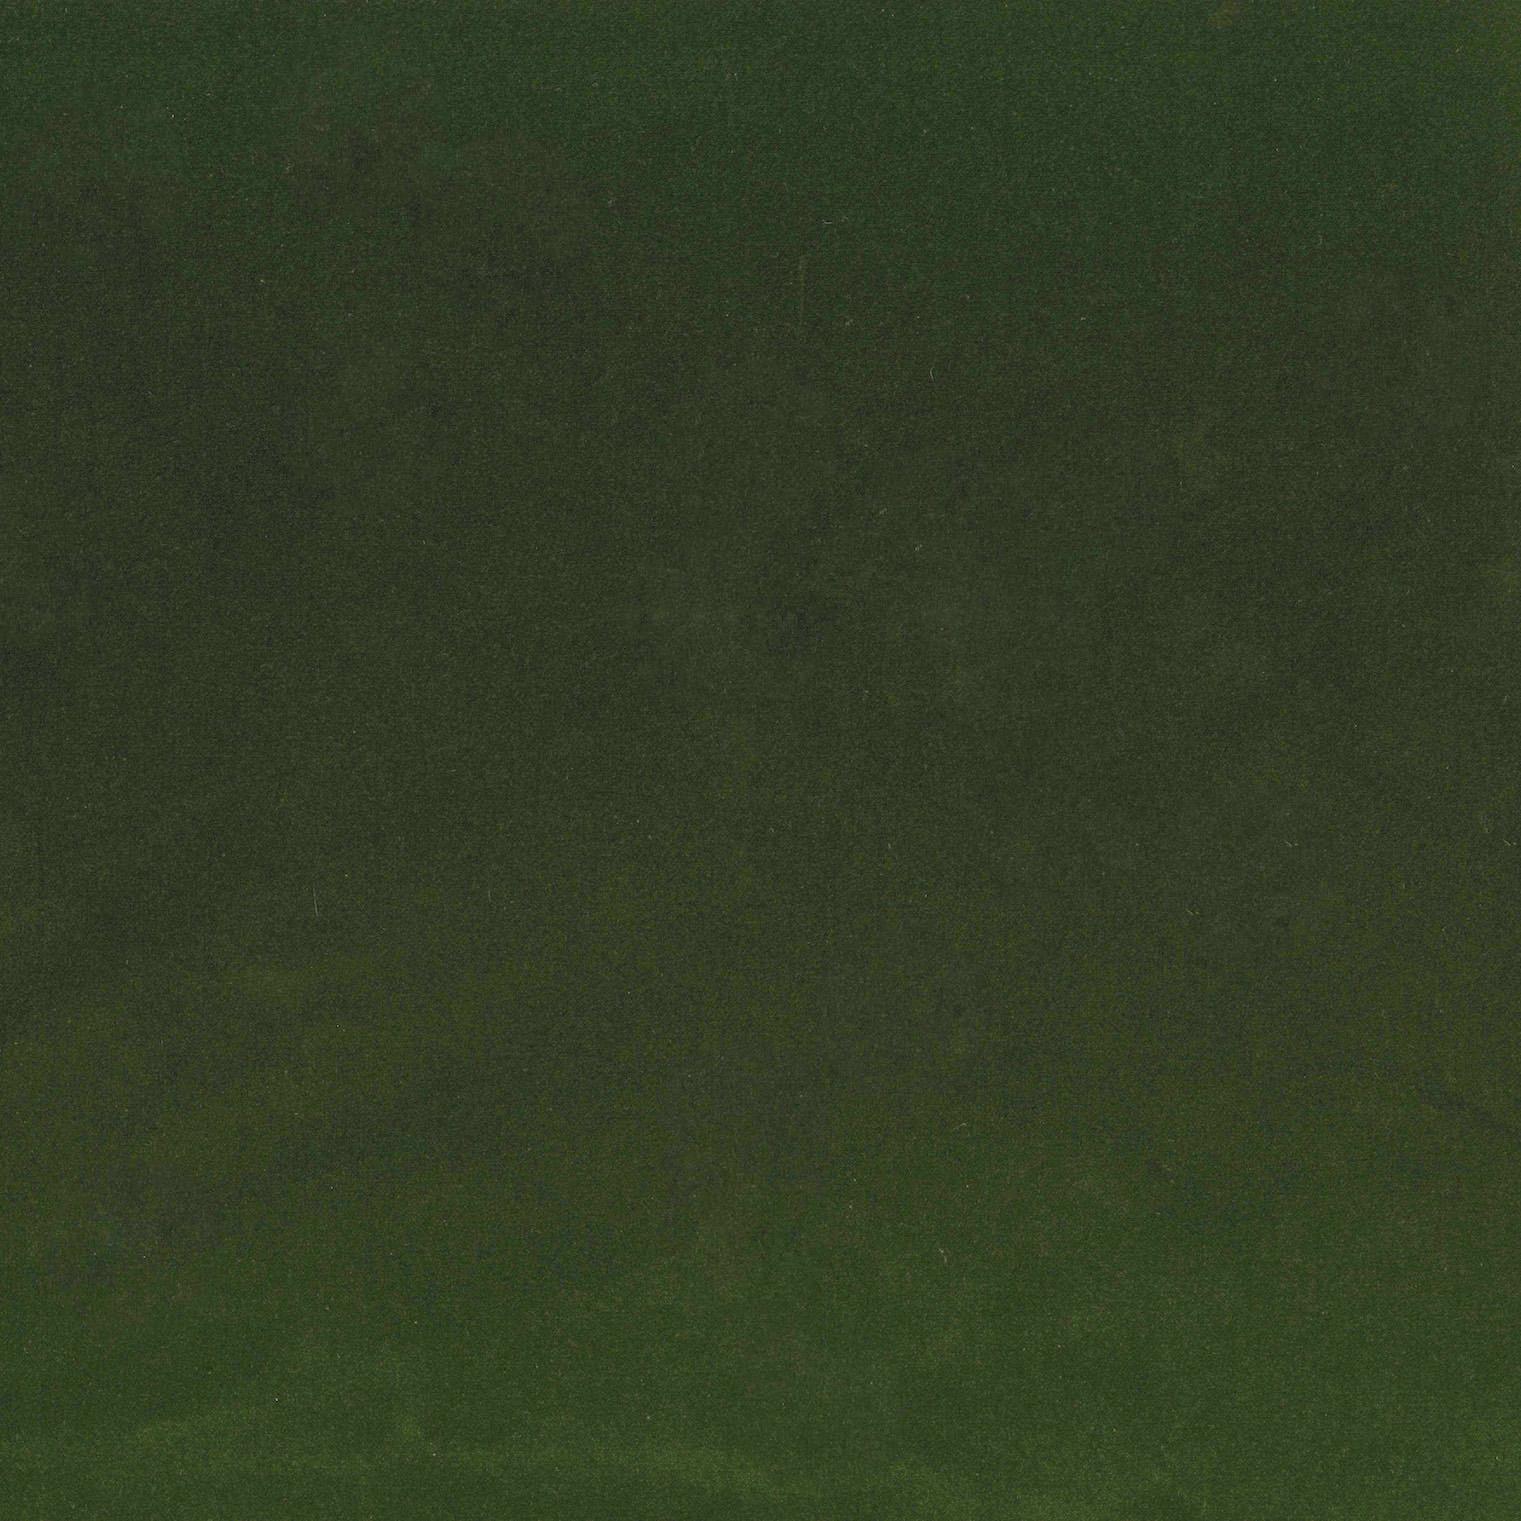 EXCL. Lario green